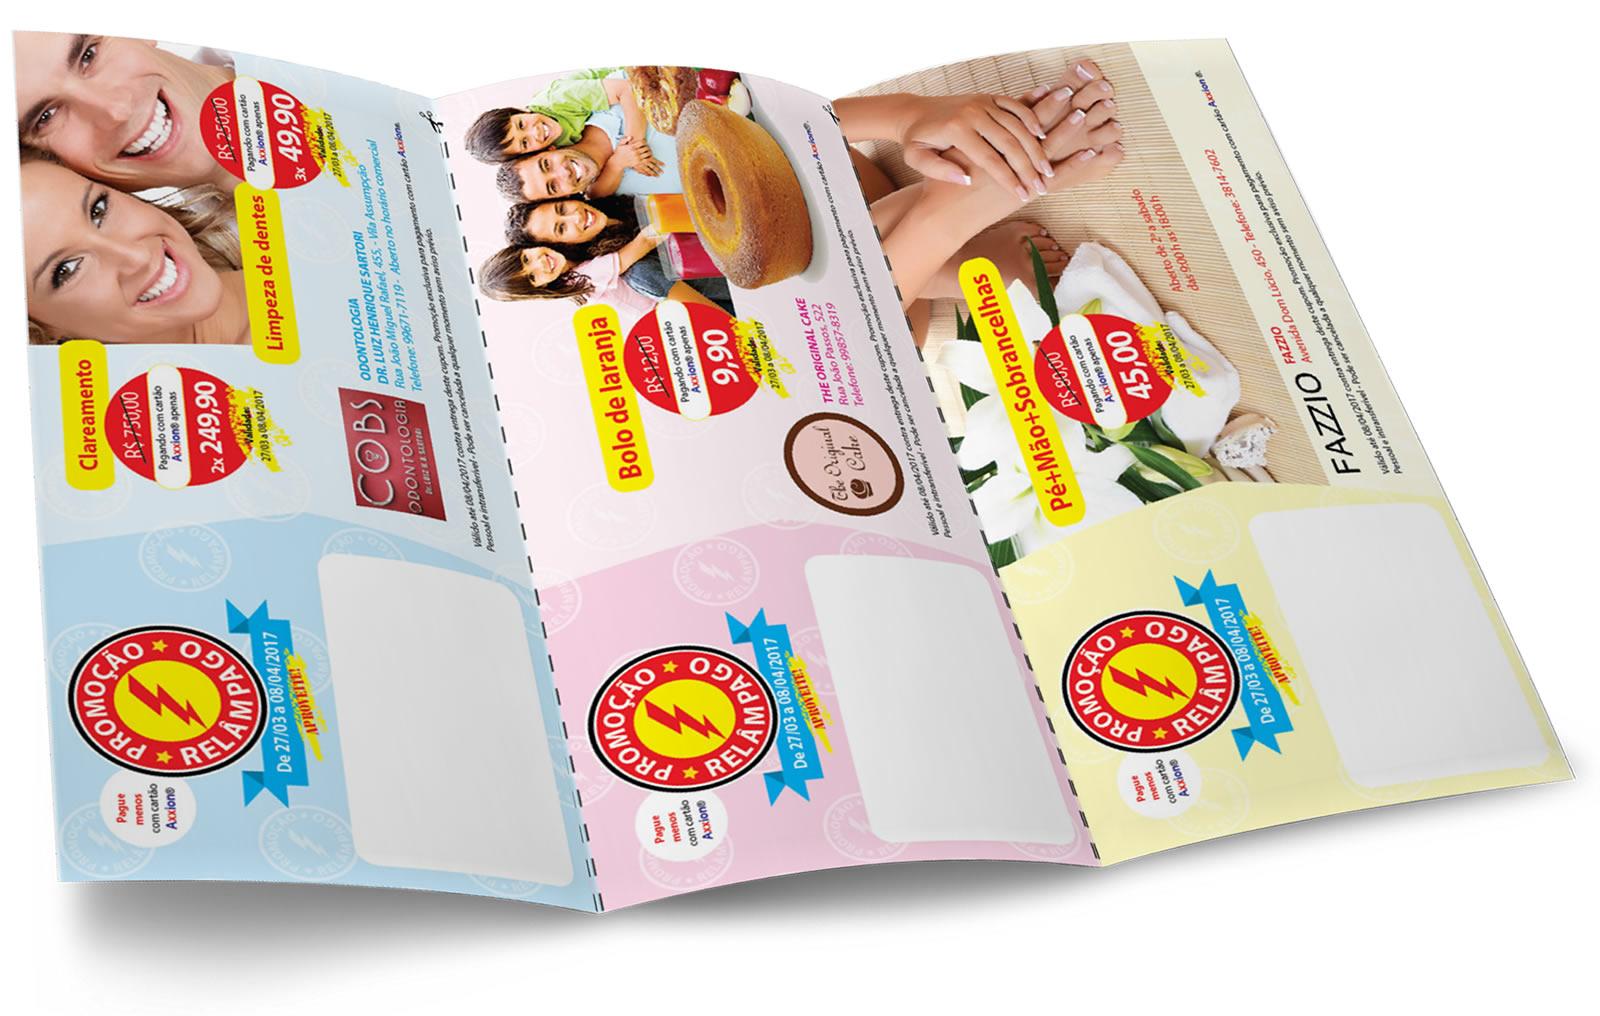 Design gráfico de Folheto de Cupons A4 para Cartões Axxion | Osvaldo Almeida Designer